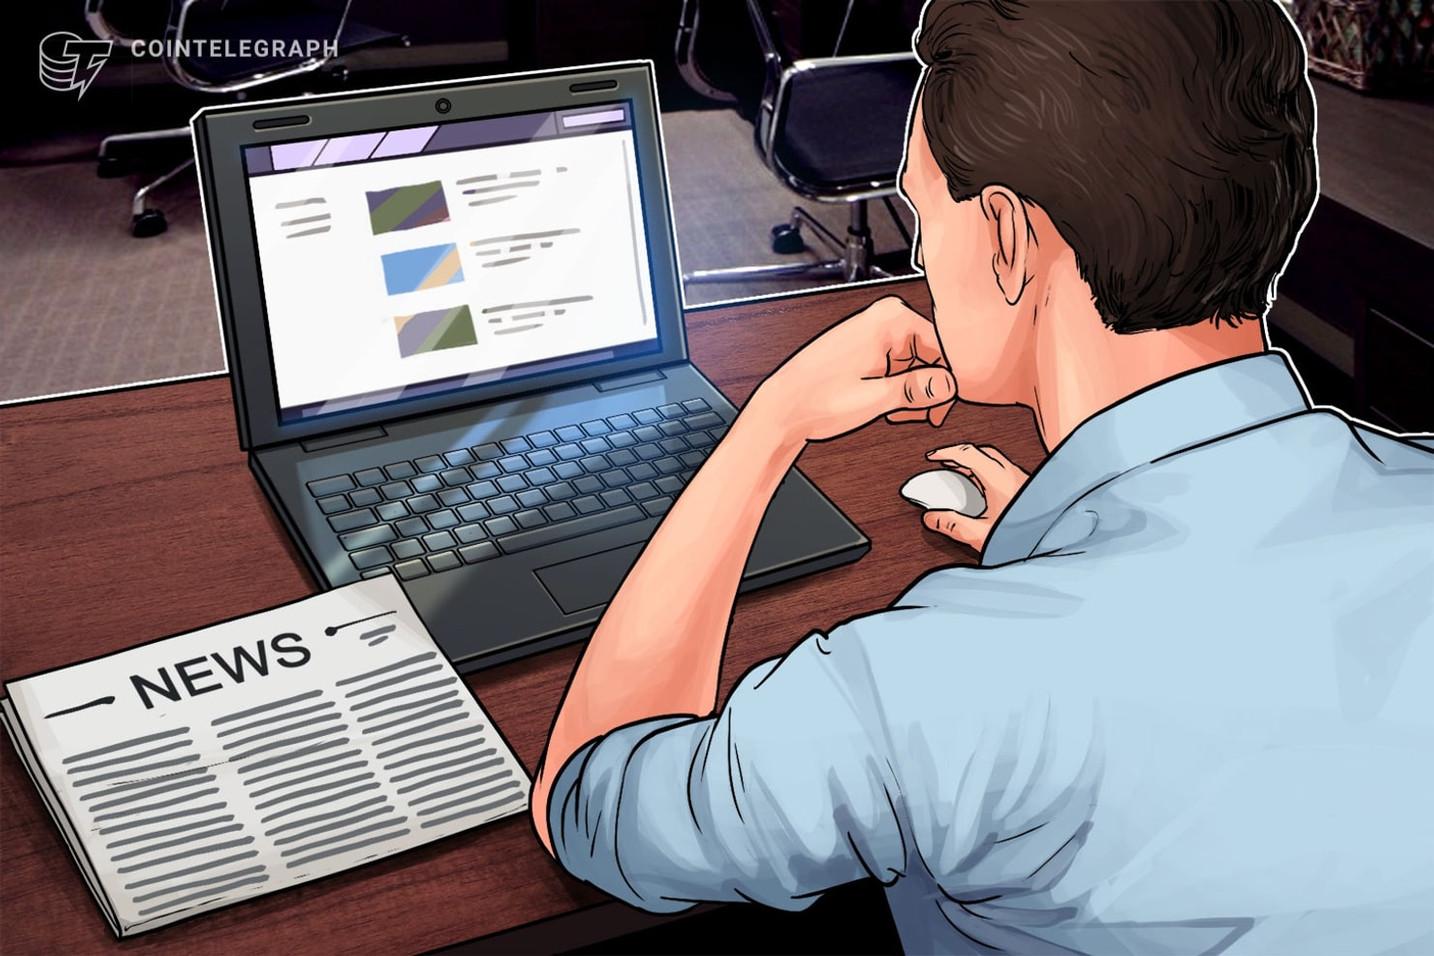 Top Criptonoticias de la semana: Bitcoin y Argentina, China y su moneda digital, Tether y Litecoin